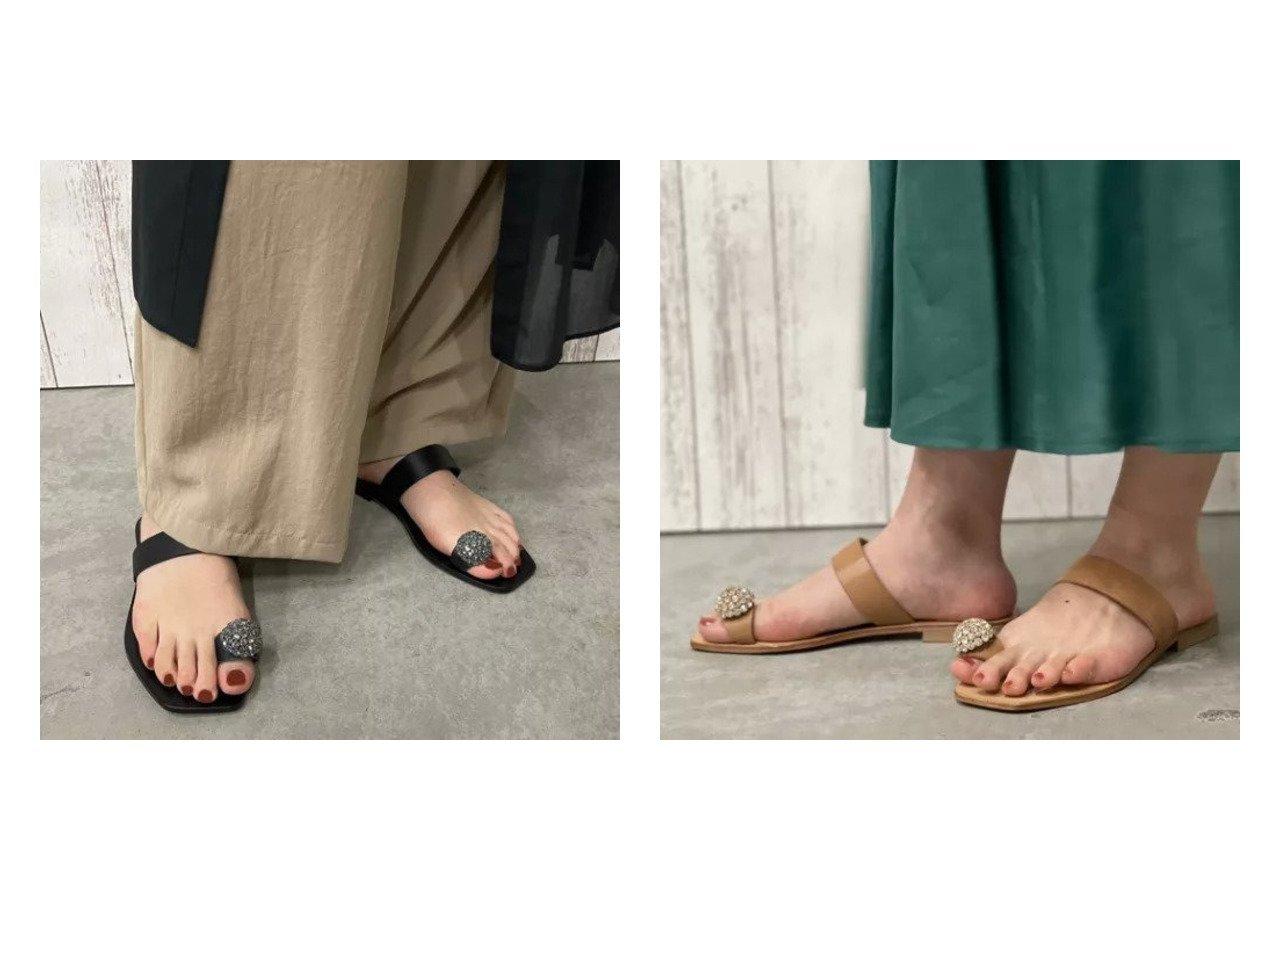 【NOLLEY'S/ノーリーズ】の【 ファビオルスコーニ】ビジューフィンガーフックサンダル ノーリーズのおすすめ!人気、トレンド・レディースファッションの通販 おすすめで人気の流行・トレンド、ファッションの通販商品 メンズファッション・キッズファッション・インテリア・家具・レディースファッション・服の通販 founy(ファニー) https://founy.com/ ファッション Fashion レディースファッション WOMEN イタリア サンダル シューズ スクエア ビジュー フェミニン フォルム ラップ  ID:crp329100000021978